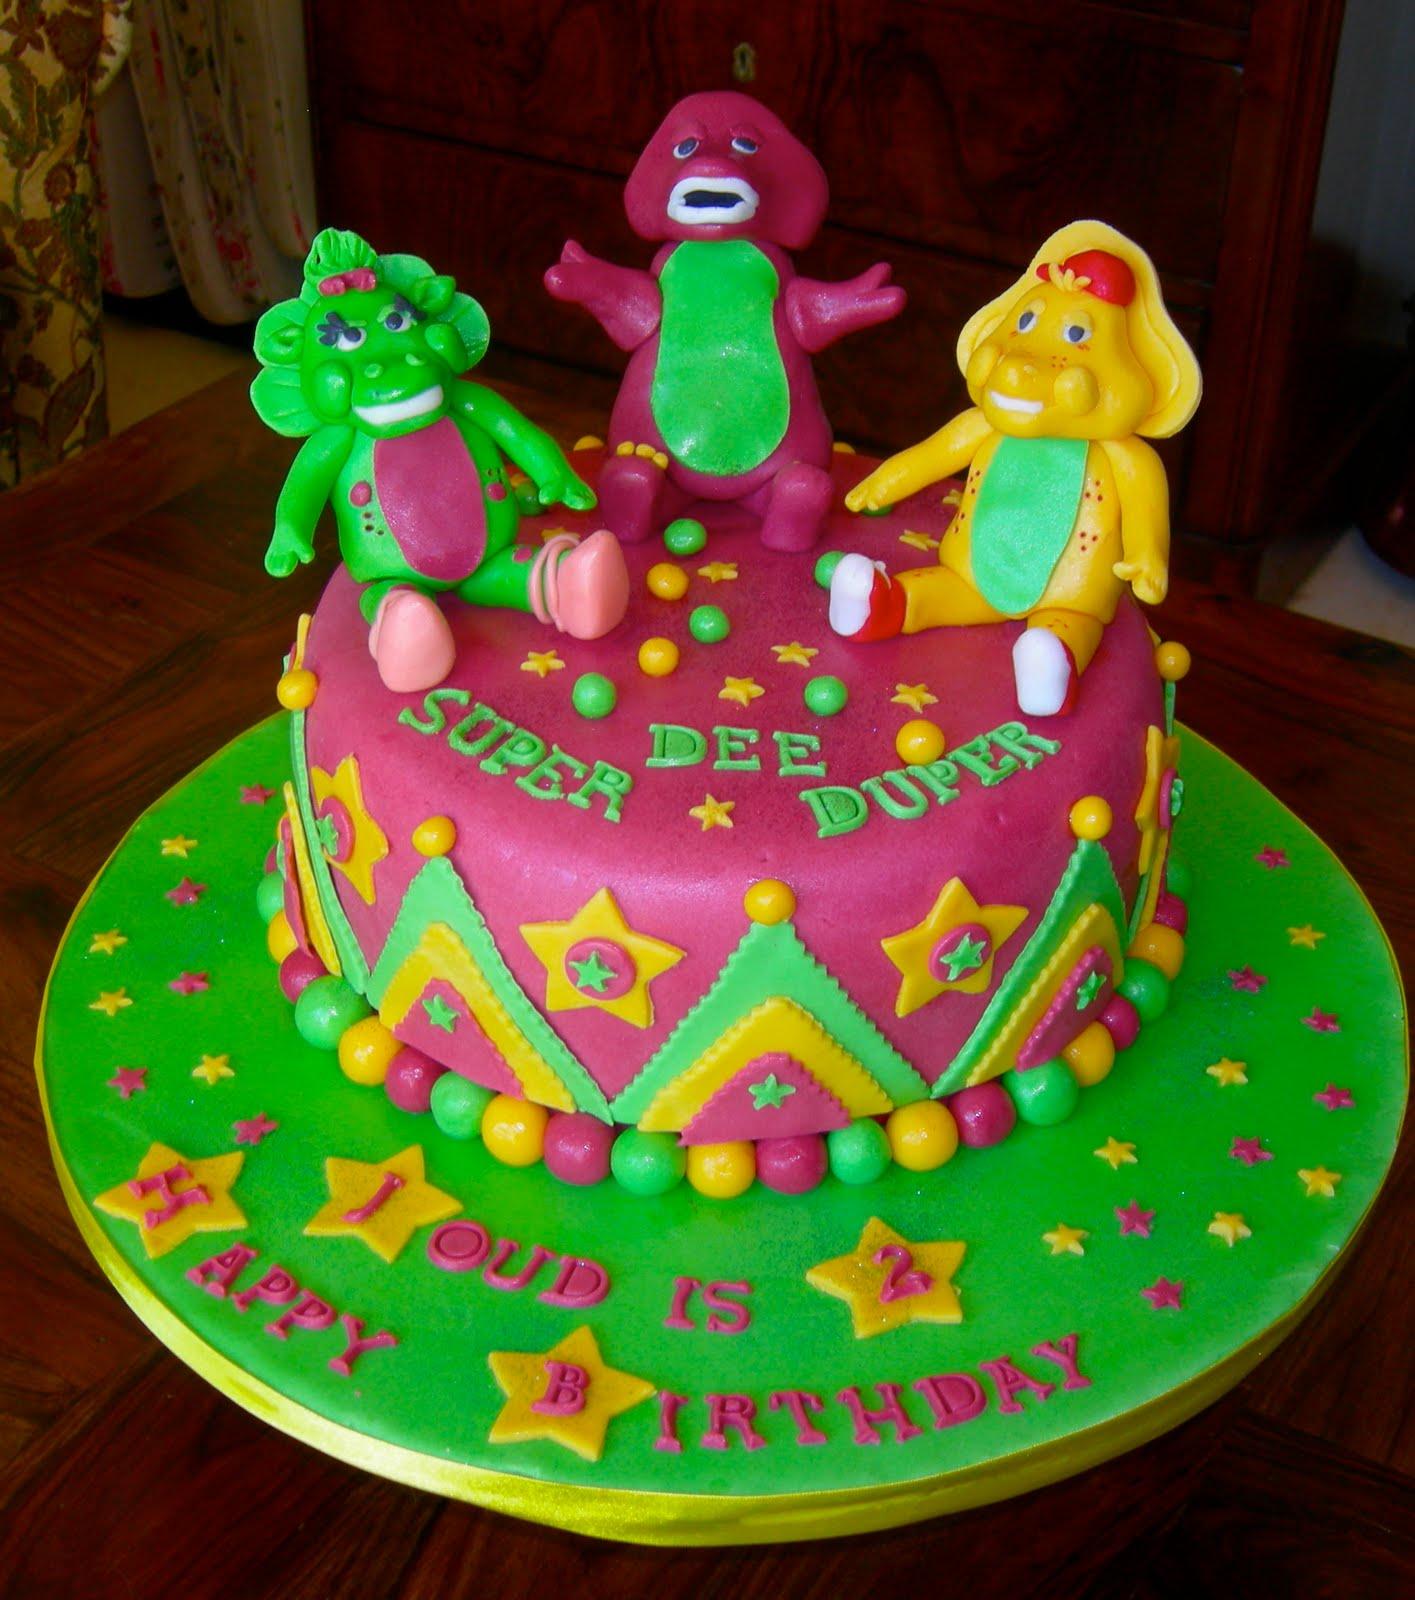 Barney Birthday Cake Ideas For Boys 98894 Another Barney A